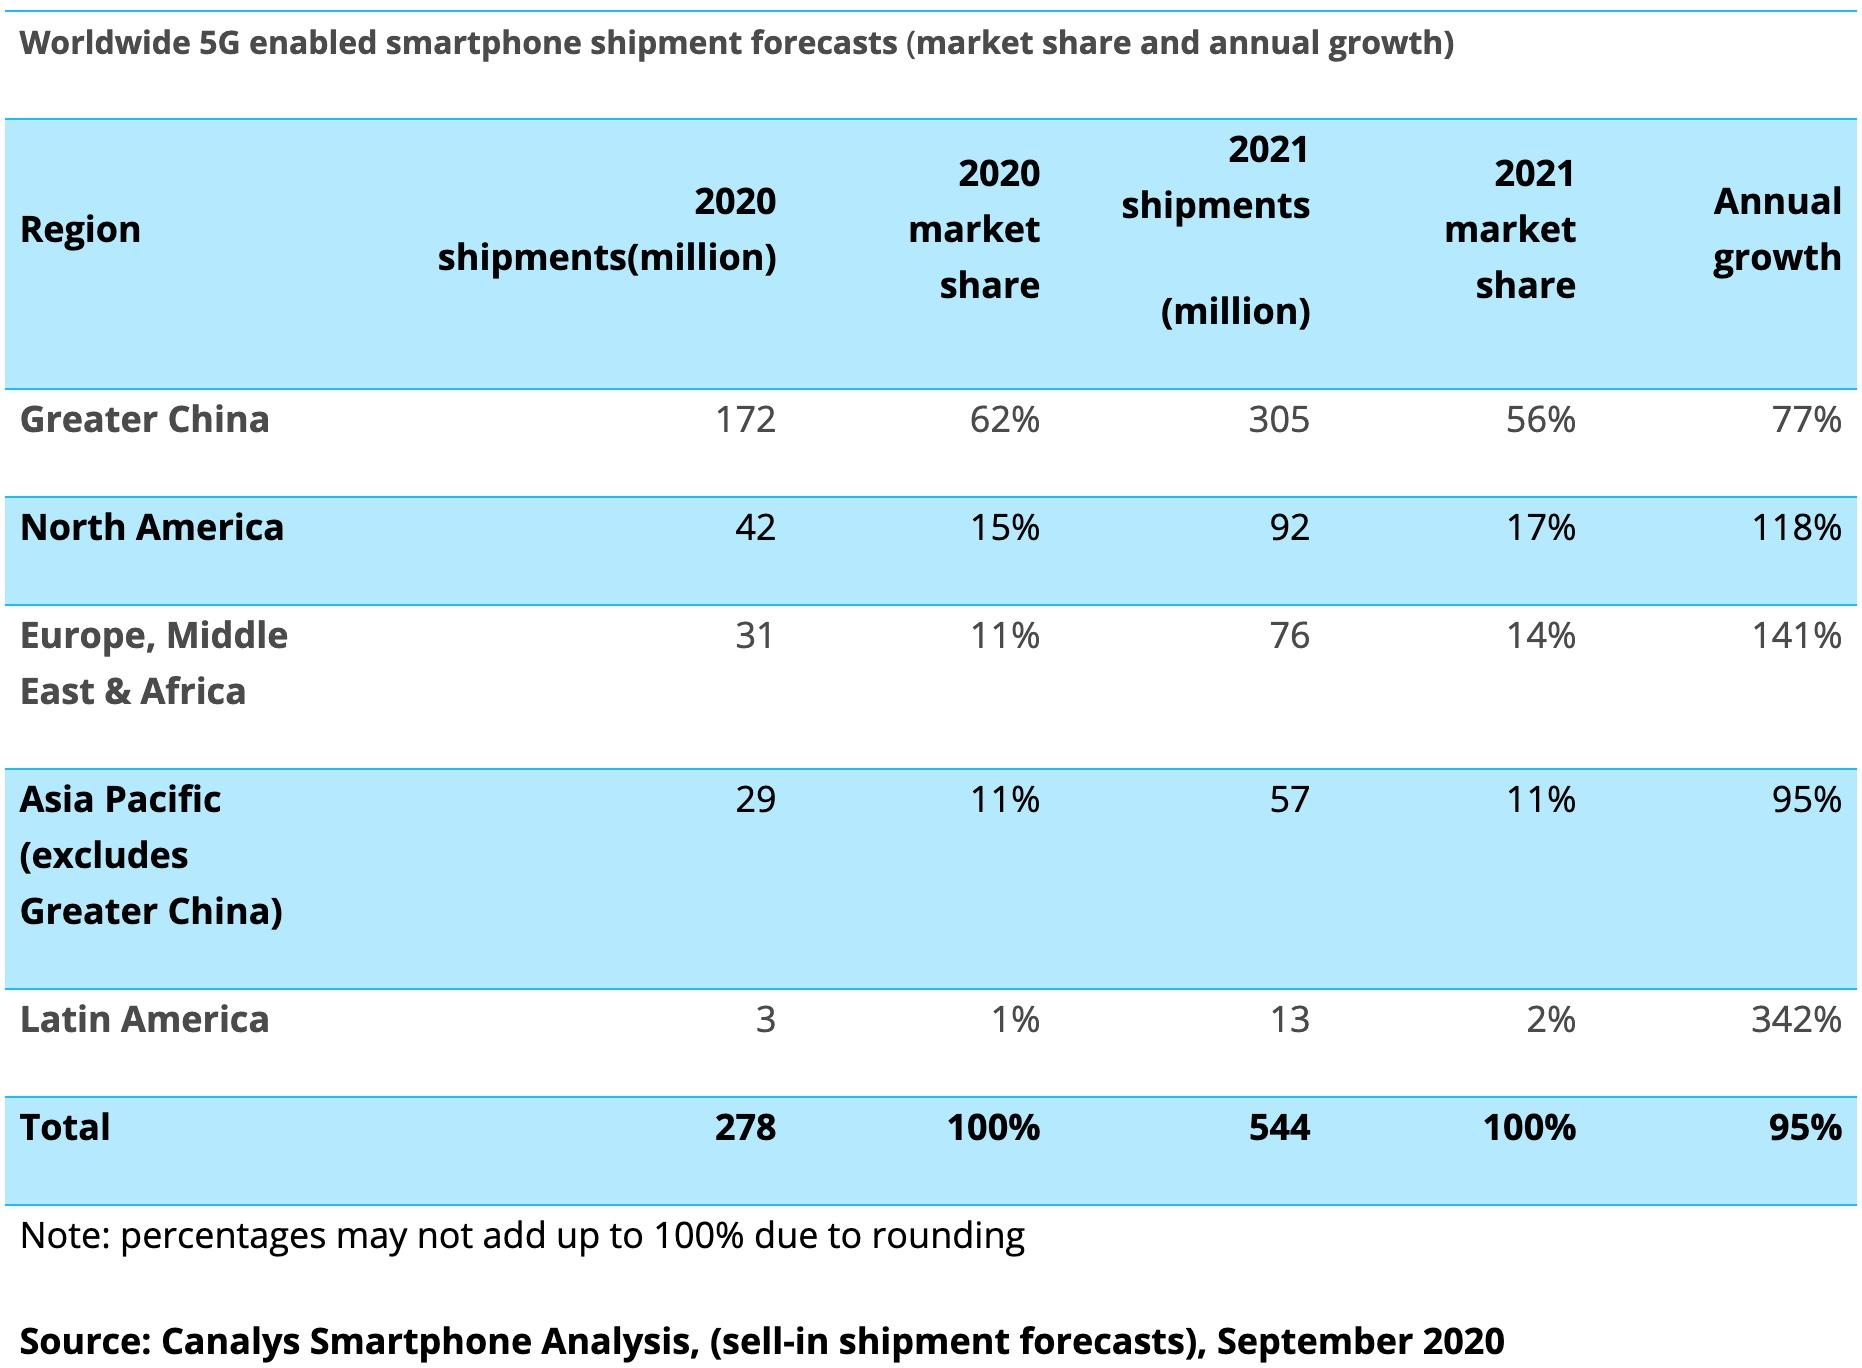 Secondo il rapporto cnTechPost, la penetrazione dei telefoni 5G in Cina raggiungerà l'83% nei prossimi 12 mesi